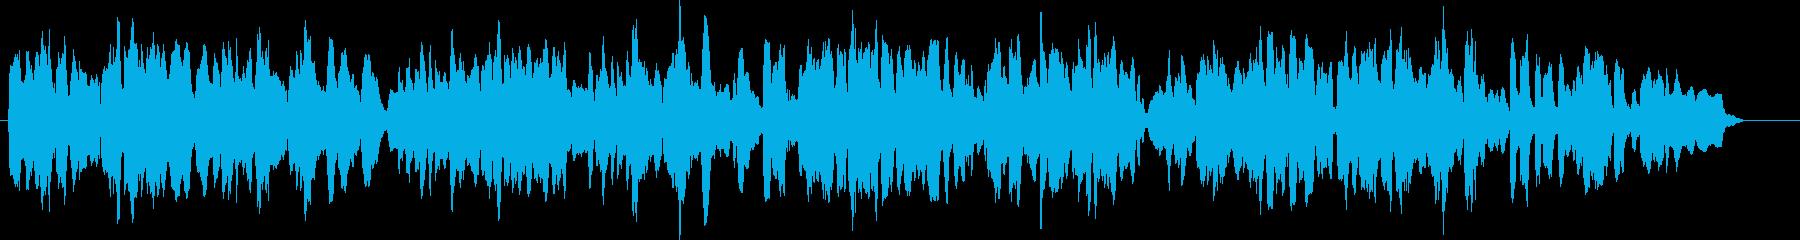 リコーダー4重奏で郷愁を誘う調べの再生済みの波形